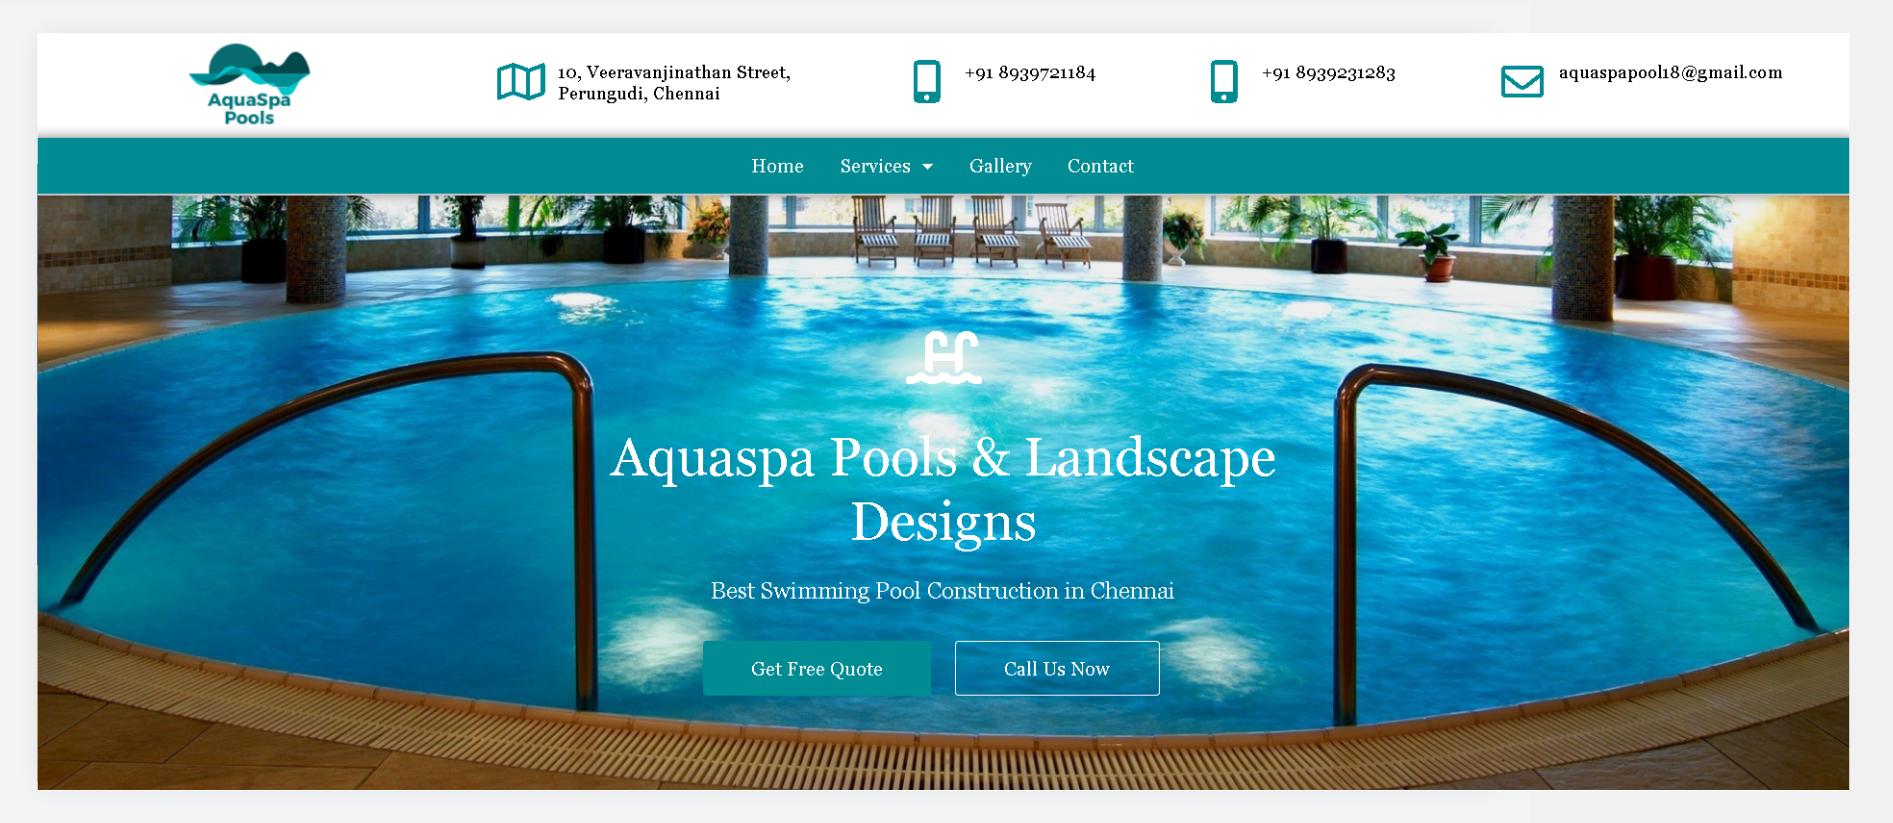 AquaSpa Pools and Landscape Design